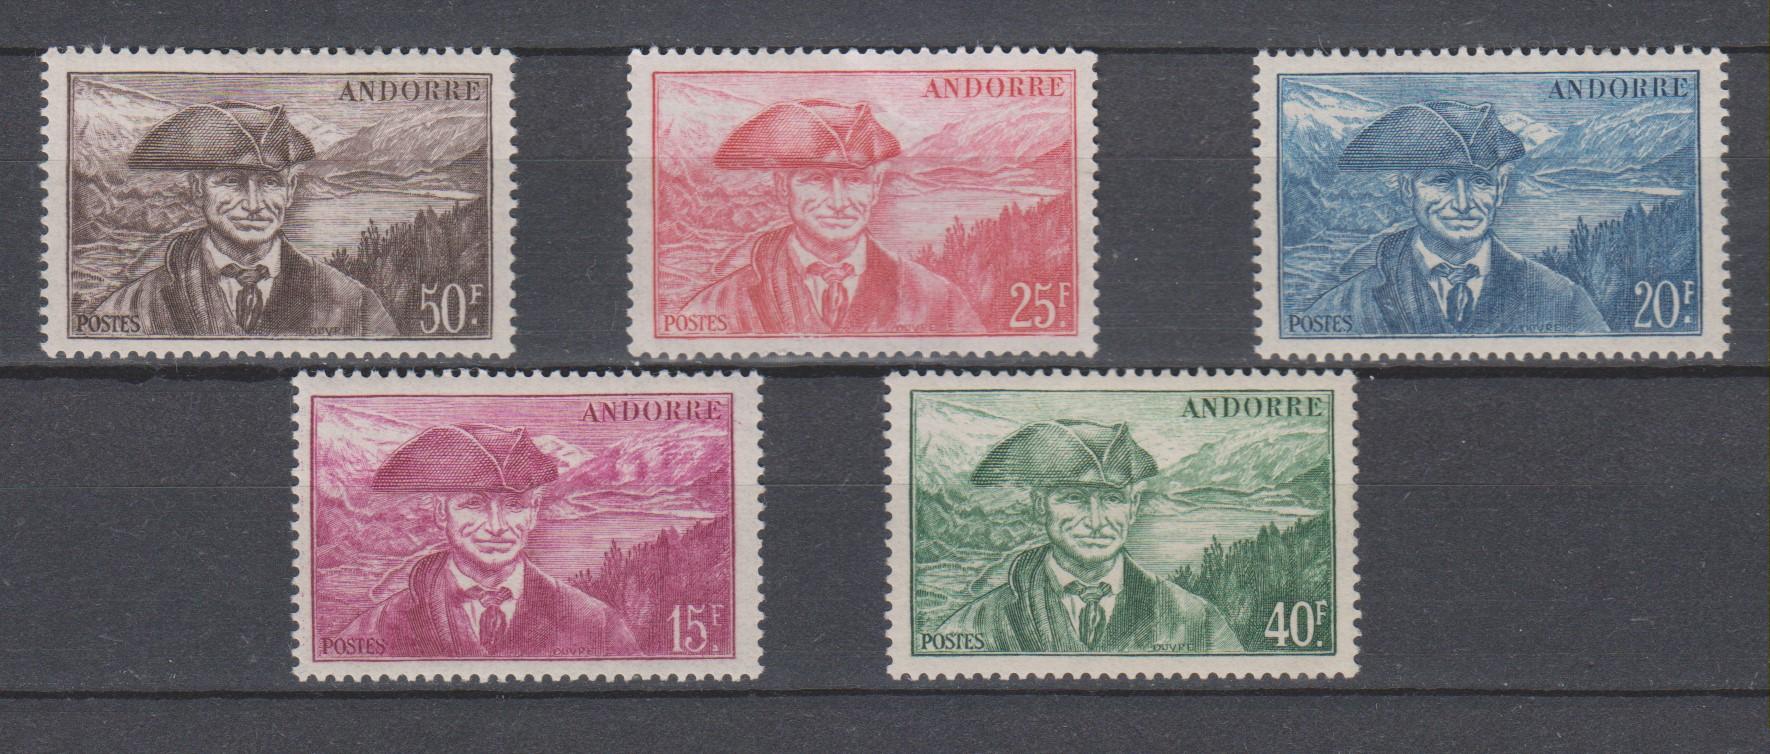 Andorre - Série courante de 1944 neufs * - Cote €8.30